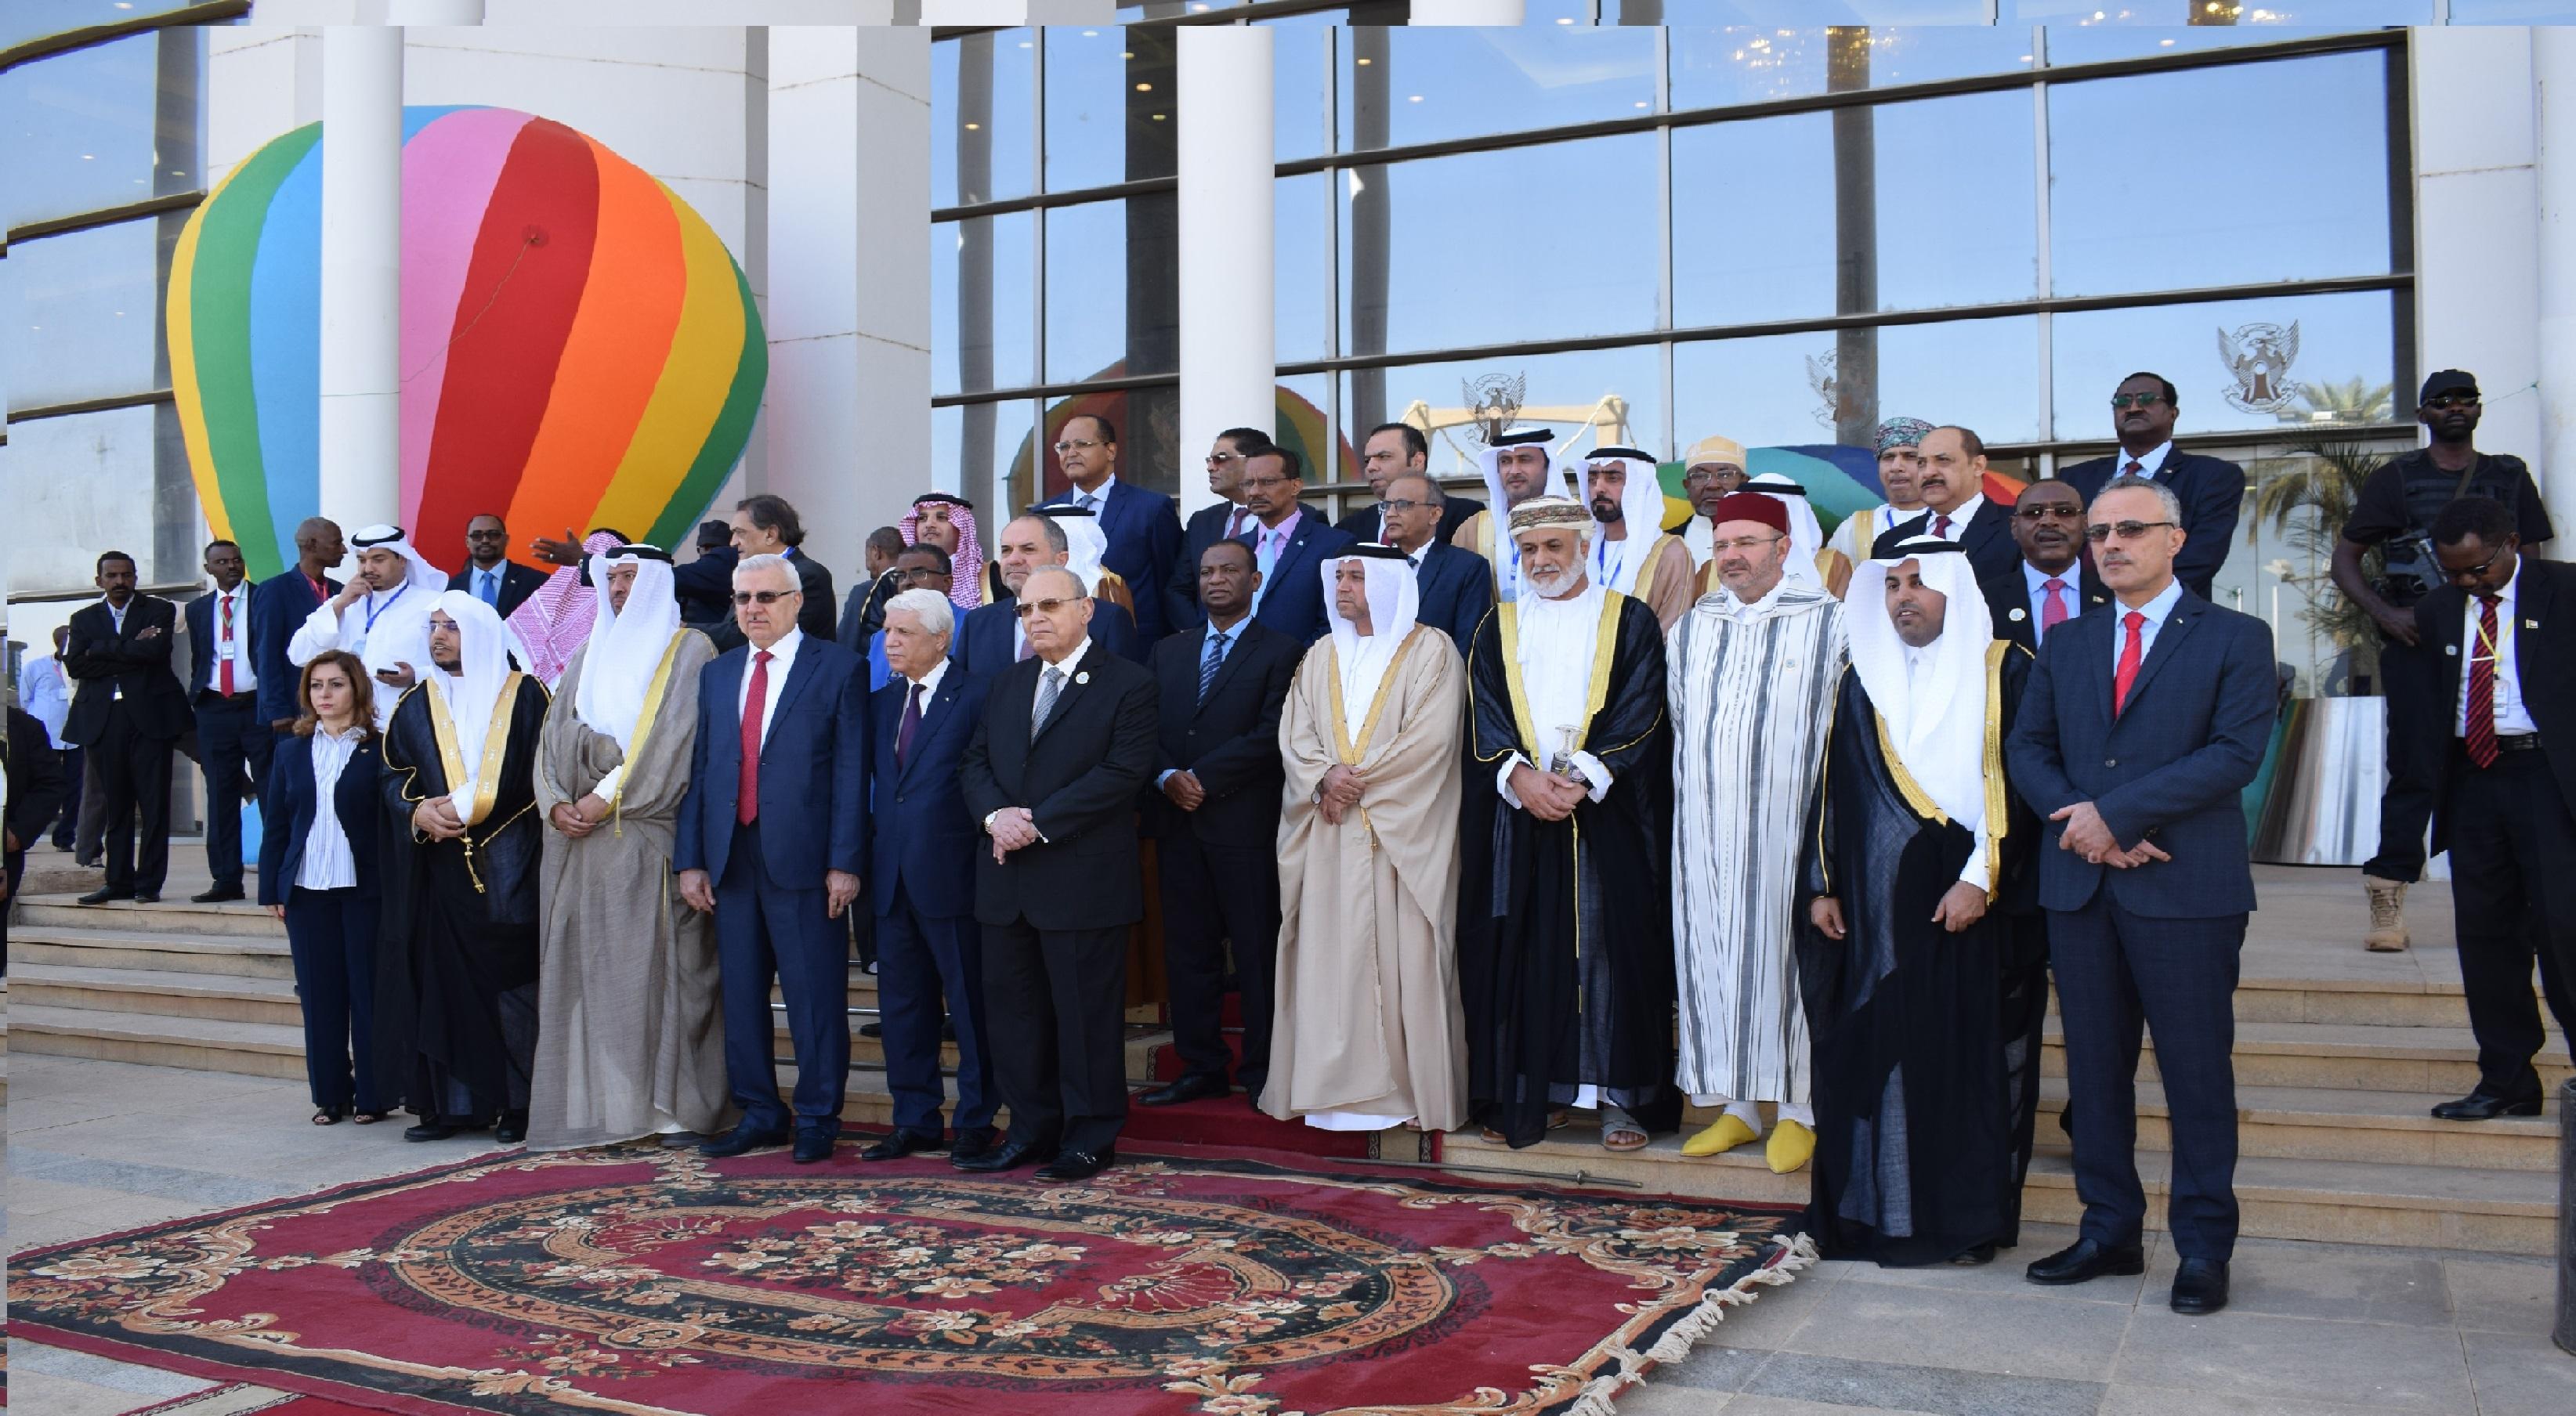 وزراء العدل العرب يبعثون ببرقية شكر لرئيس الجمهورية